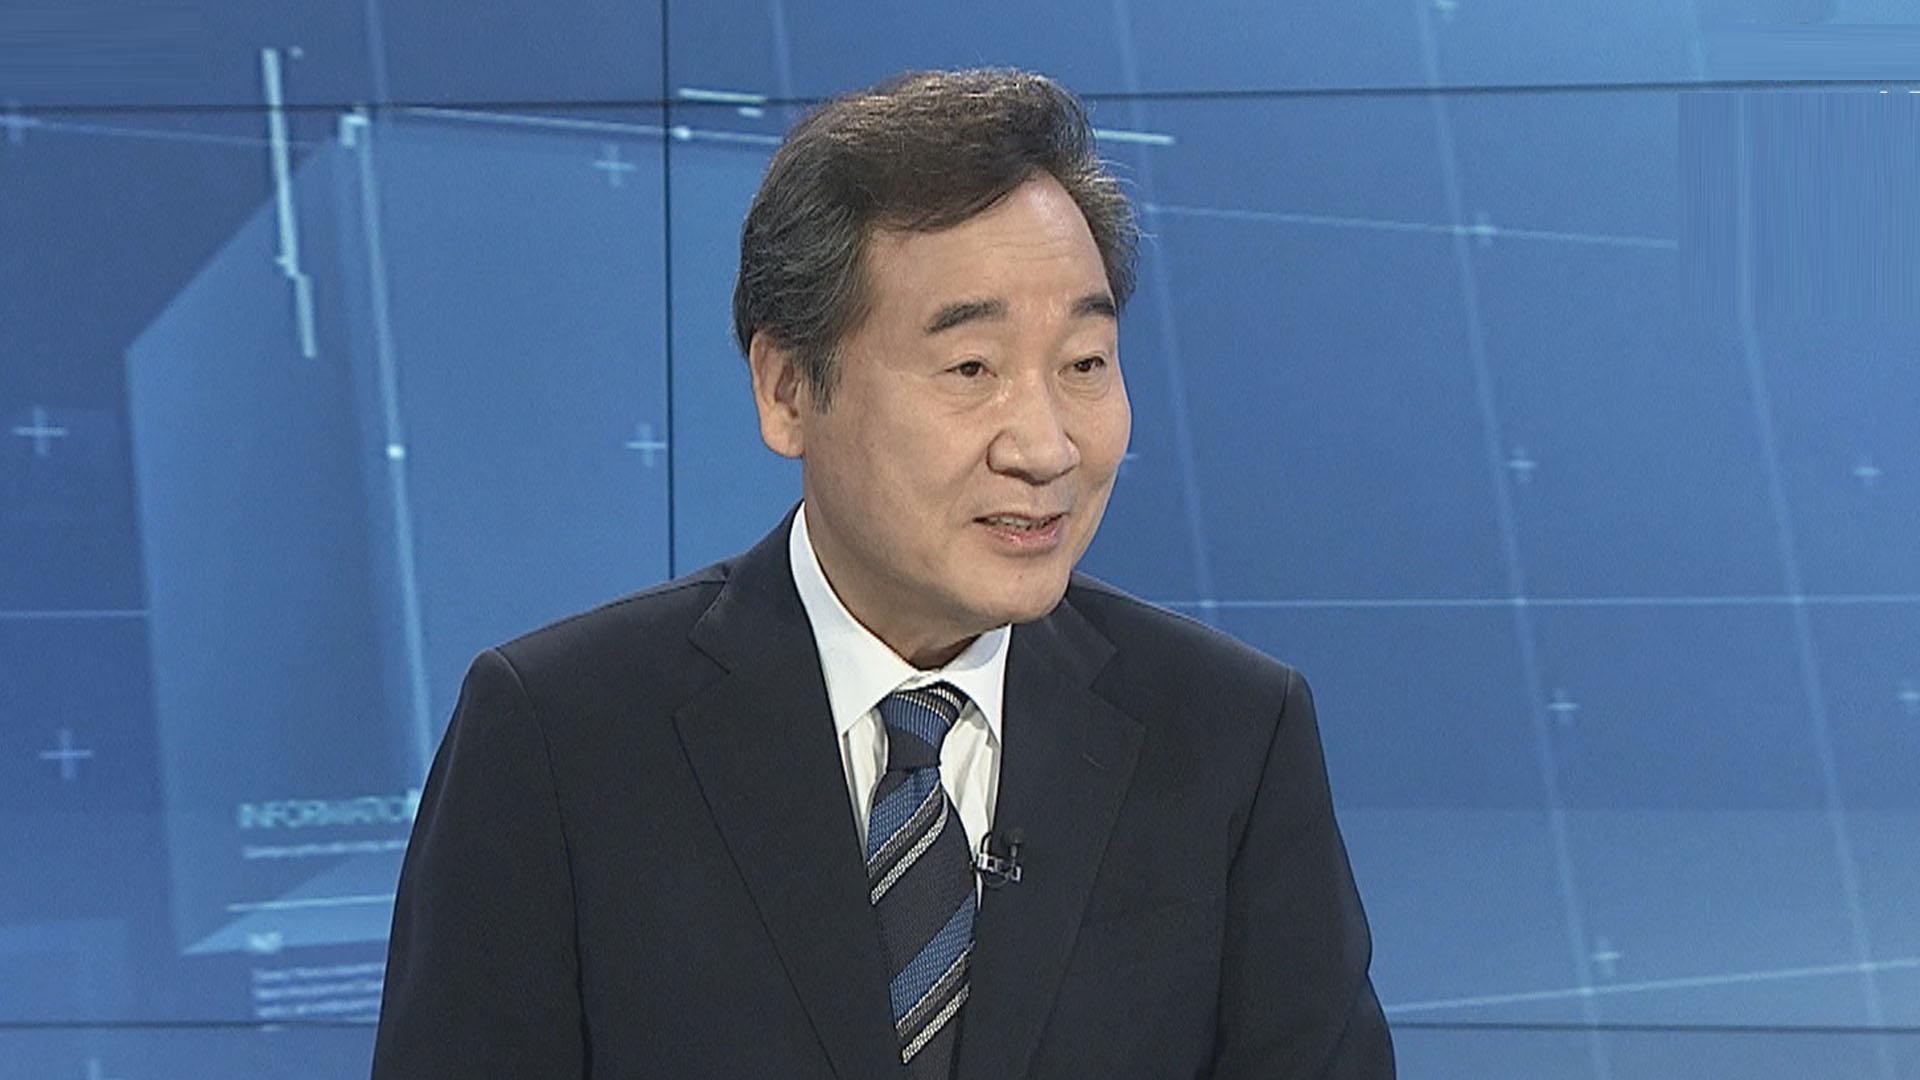 [뉴스초점] '호남대전' 앞둔 민주당 이낙연 후보에게 듣는다